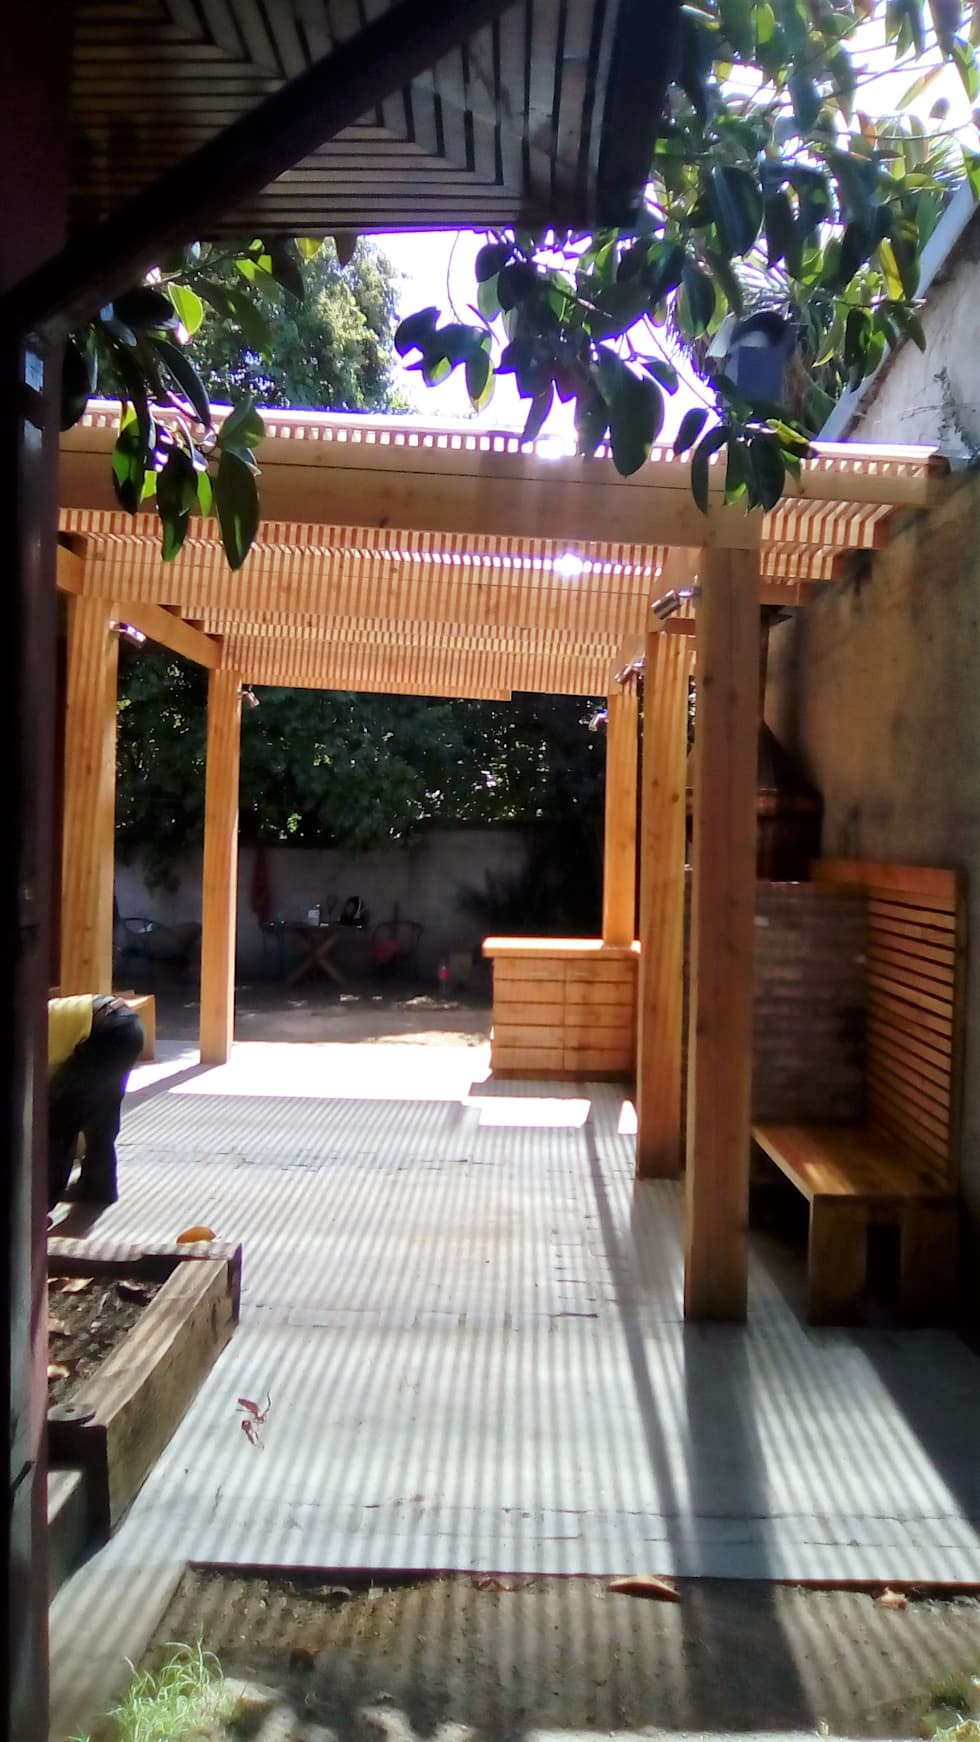 terraza y quincho vista hacia el jardin terrazas de estilo por crearco